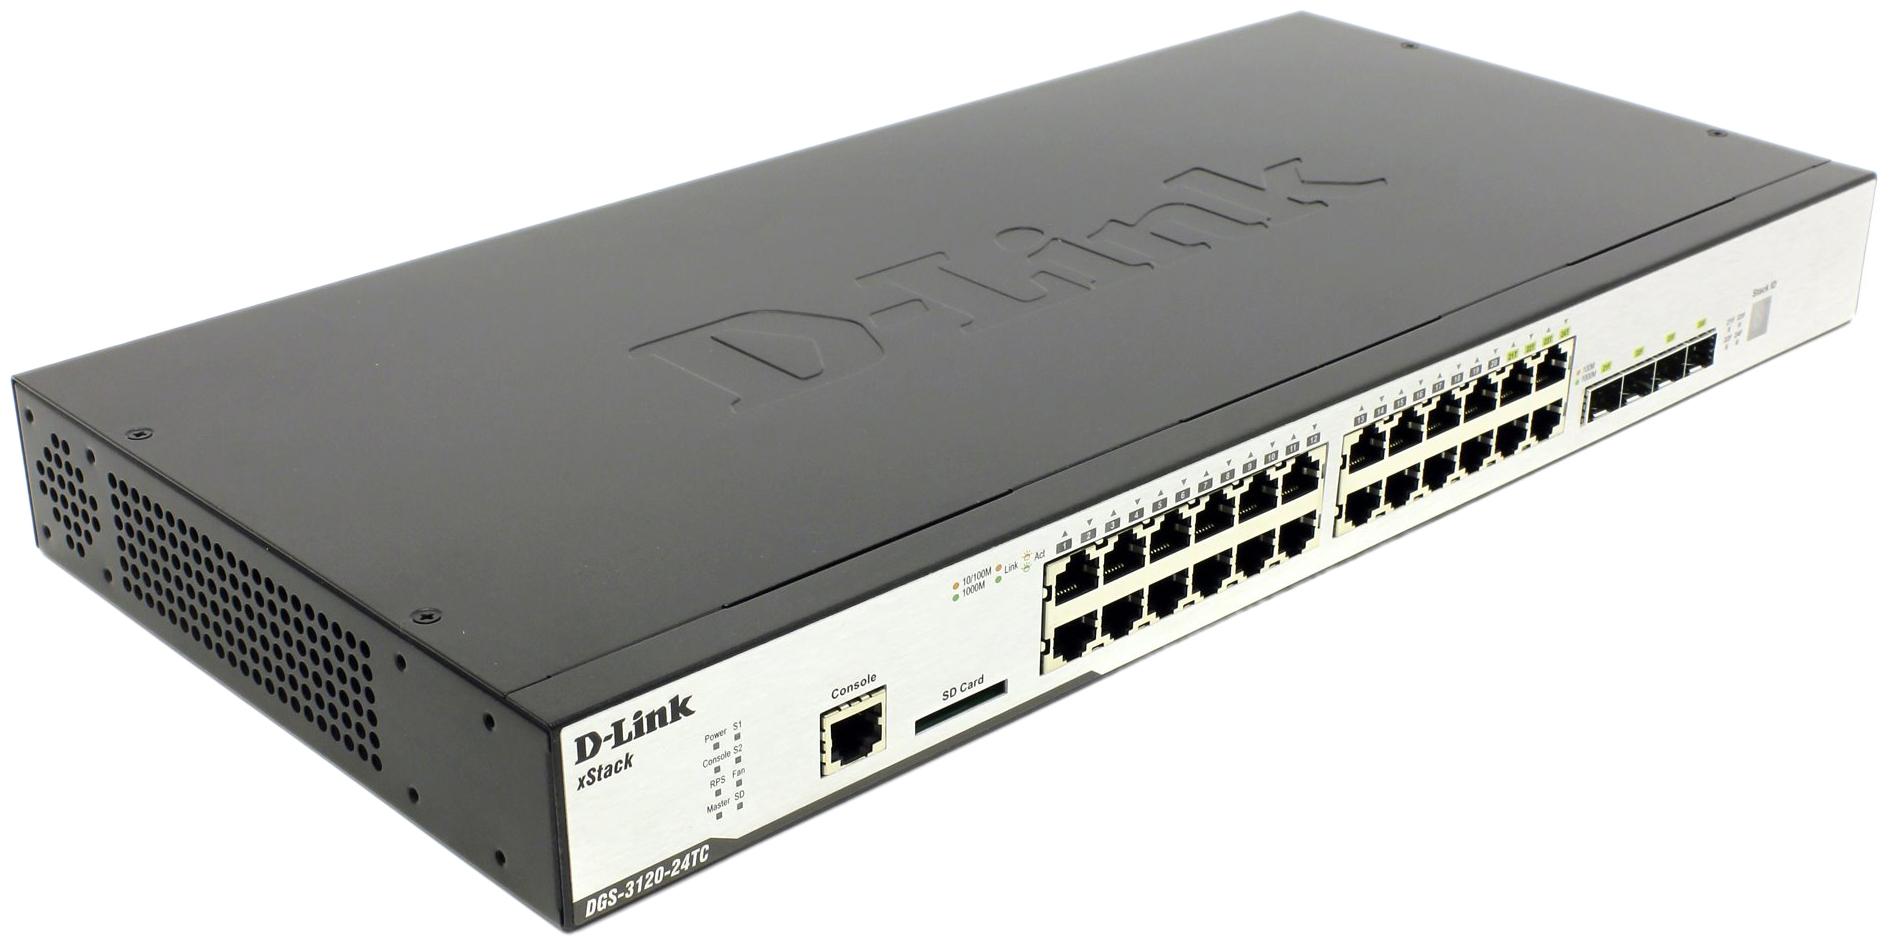 D-LINK DGS-3120-24TC/B1ARI